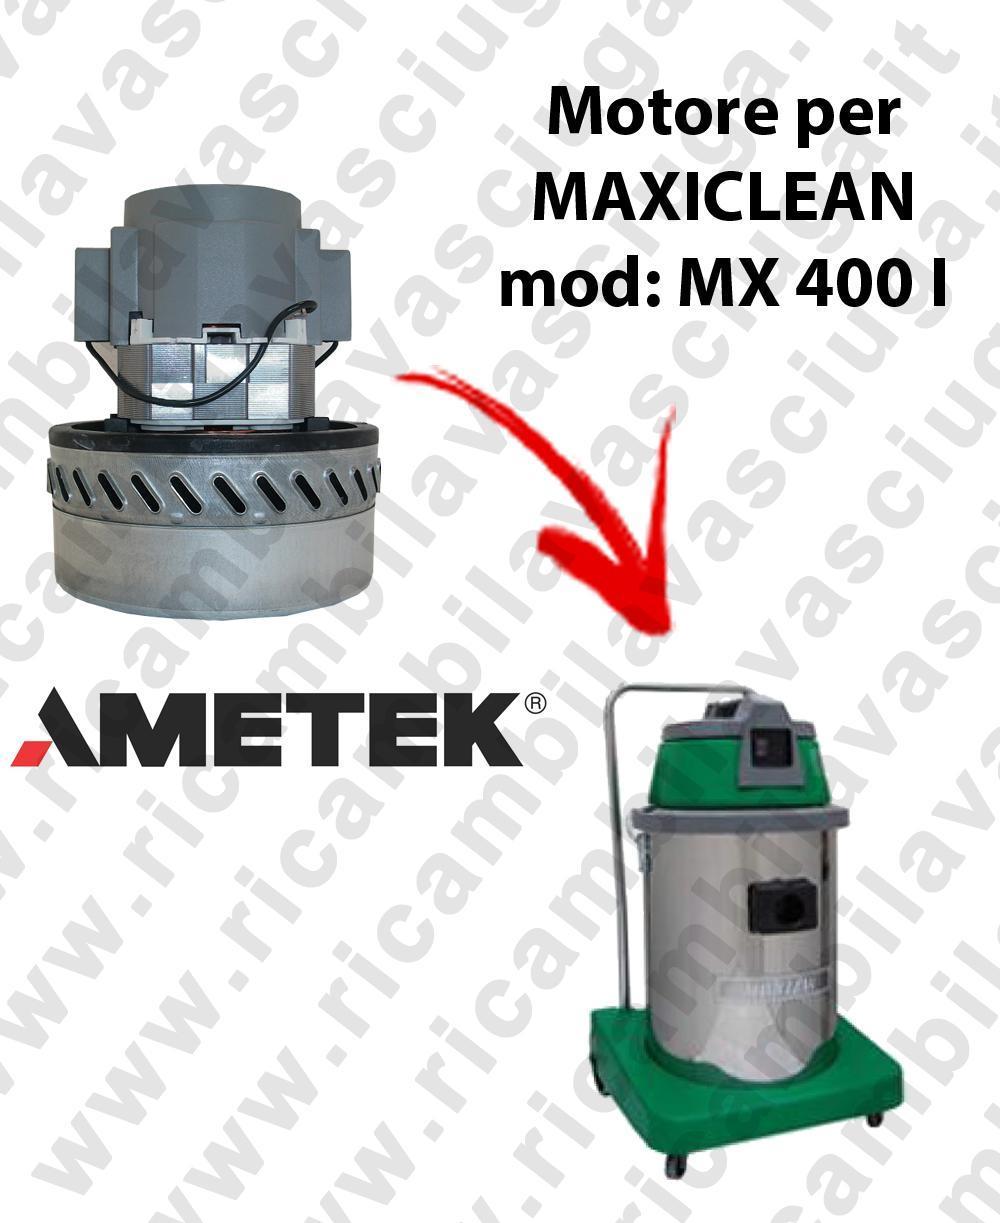 MX 400 I Saugmotor AMETEK für Staubsauger und trockensauger MAXICLEAN